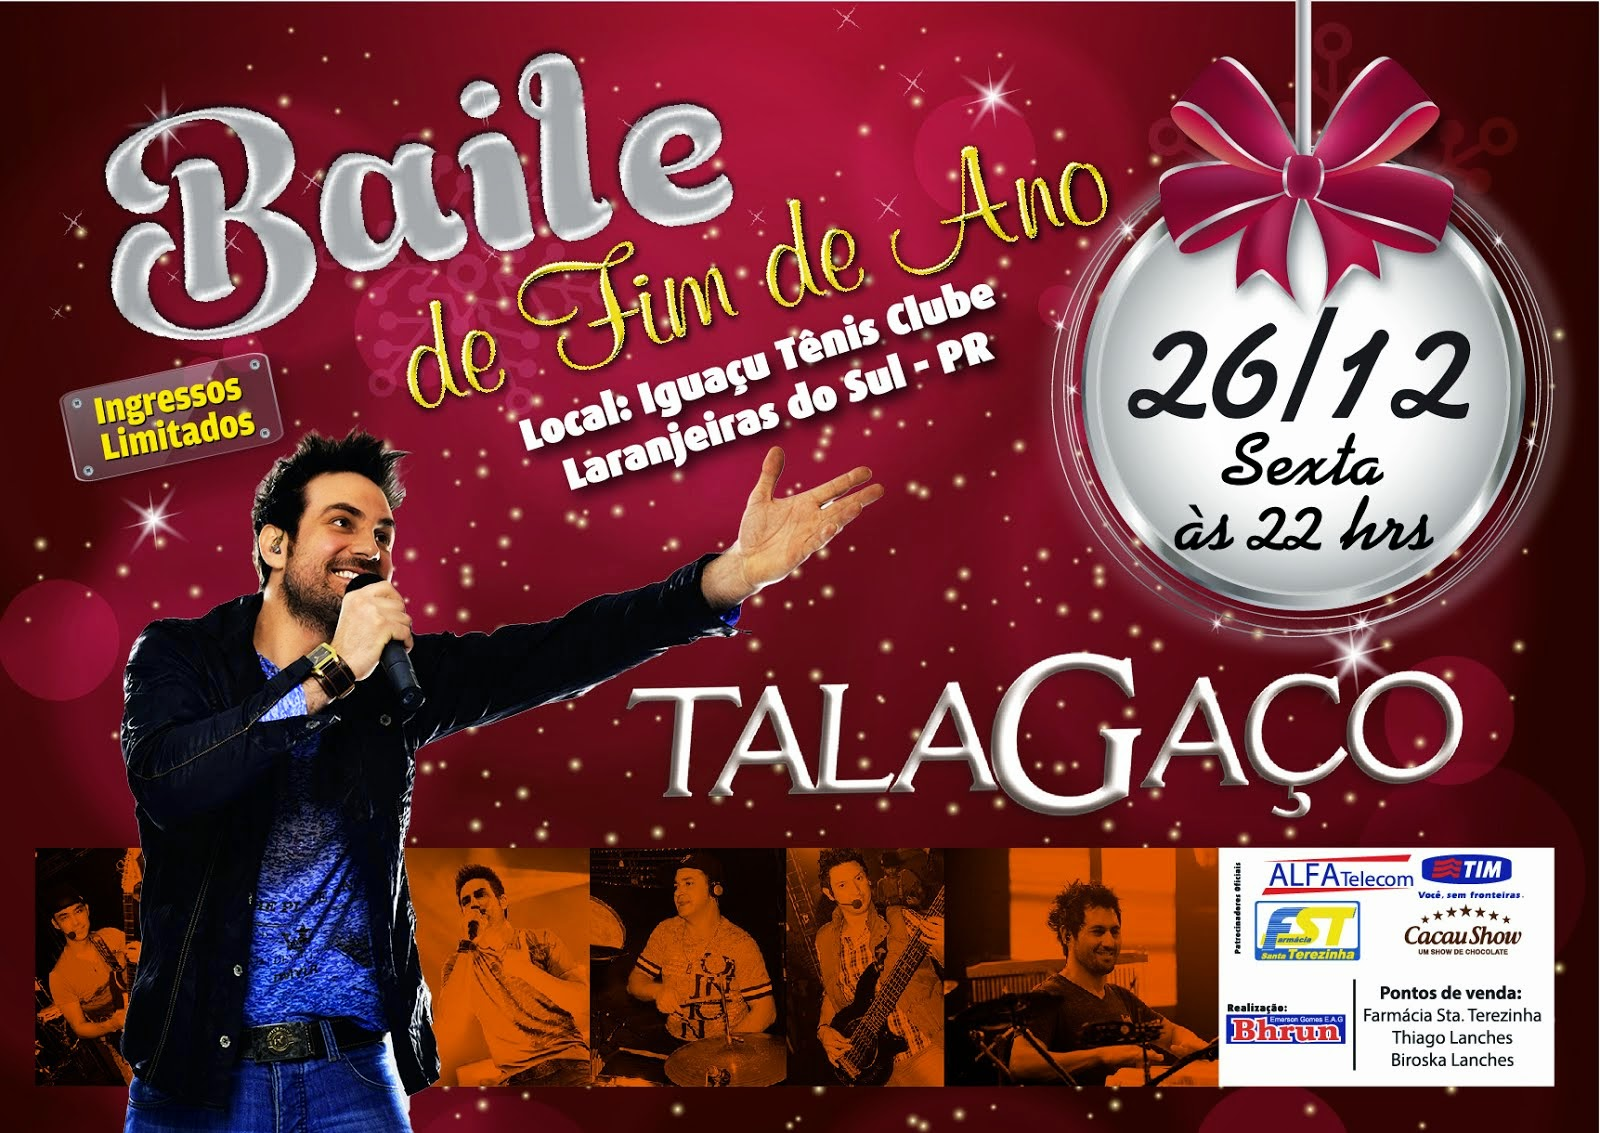 Laranjeiras do Sul:Baile com Talagaço dia 26 de dezembro no ITC!!